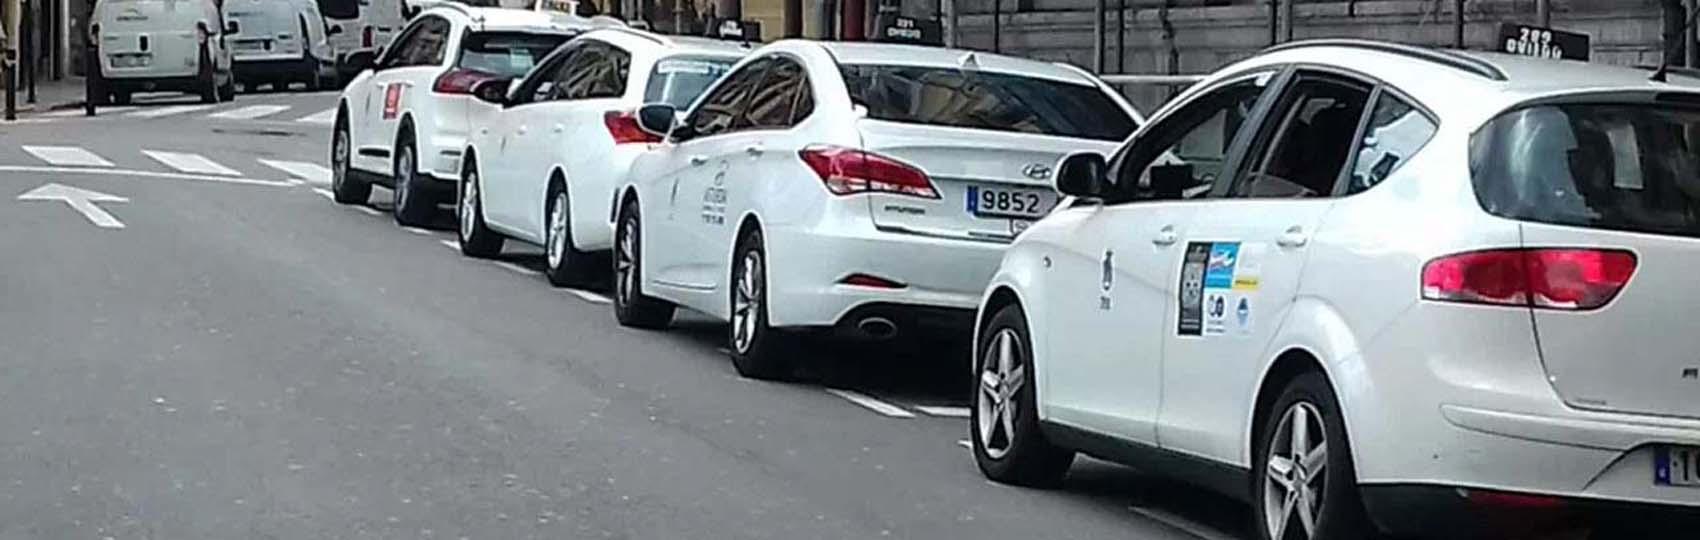 Noticias del sector del taxi y la movilidad en Oviedo. Mantente informado de todas las noticias del taxi de Oviedo en el grupo de Facebook de Todo Taxi.